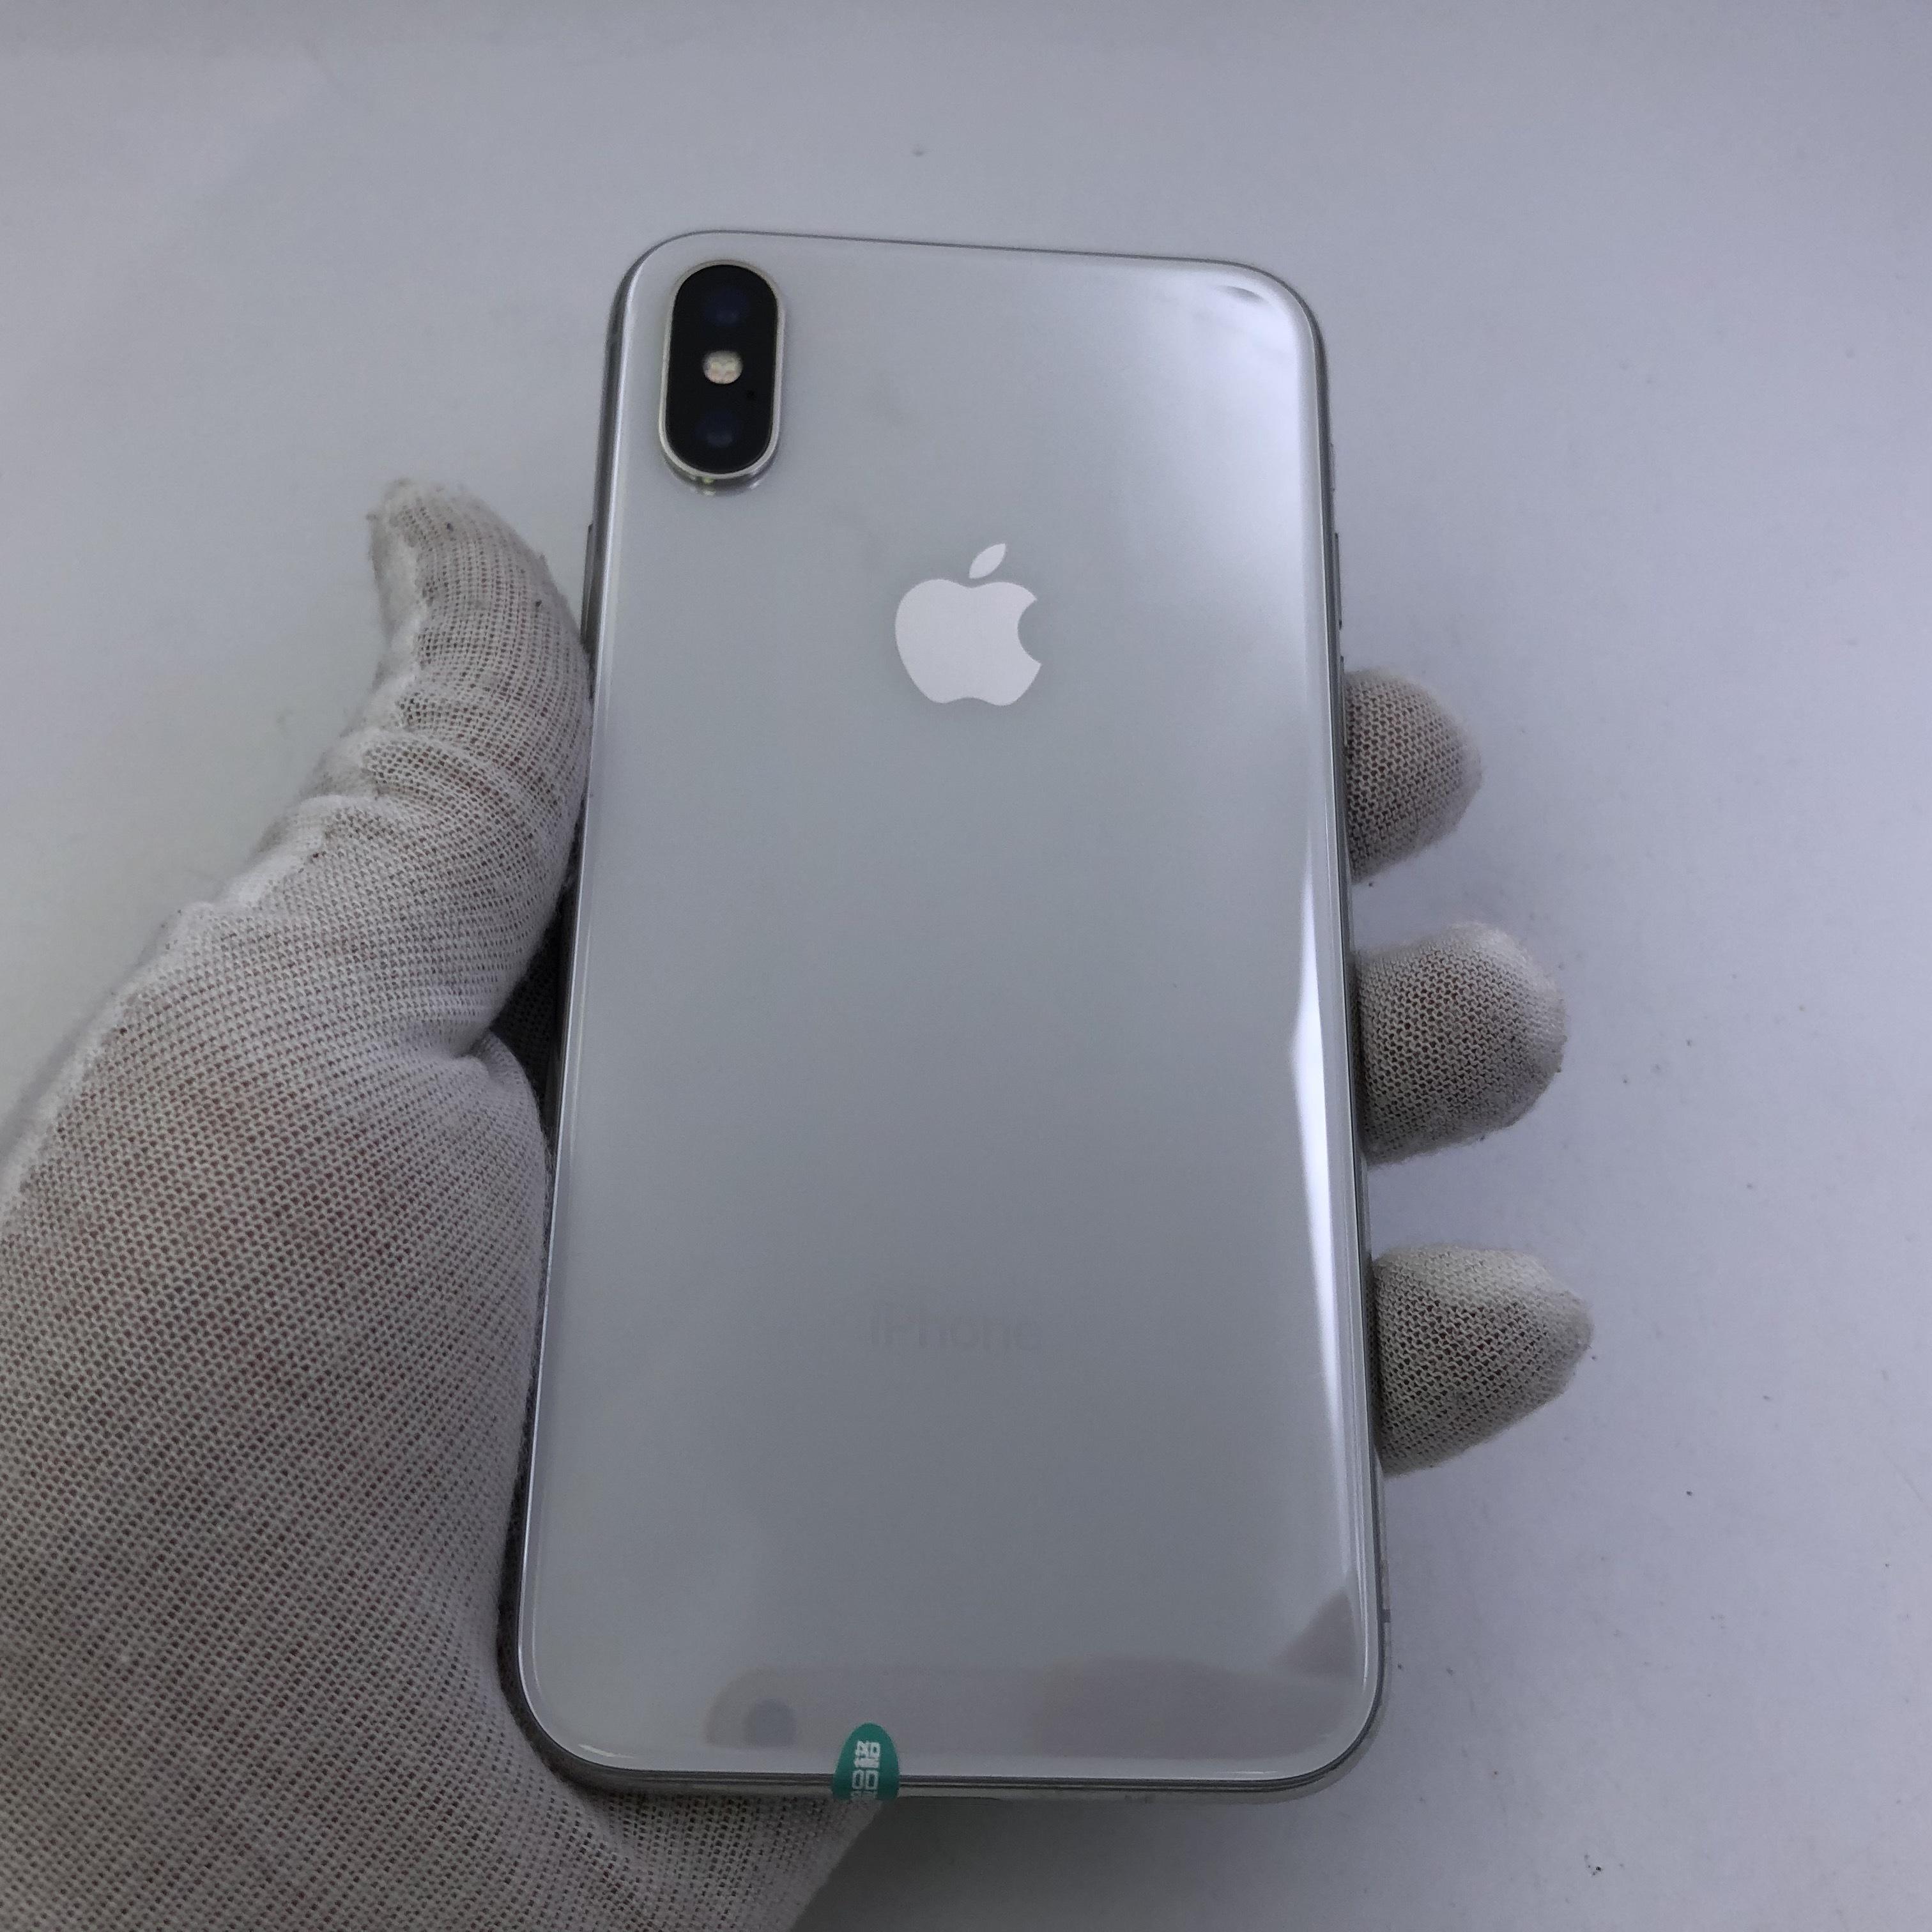 苹果【iPhone X】4G全网通 银色 256G 国行 9成新